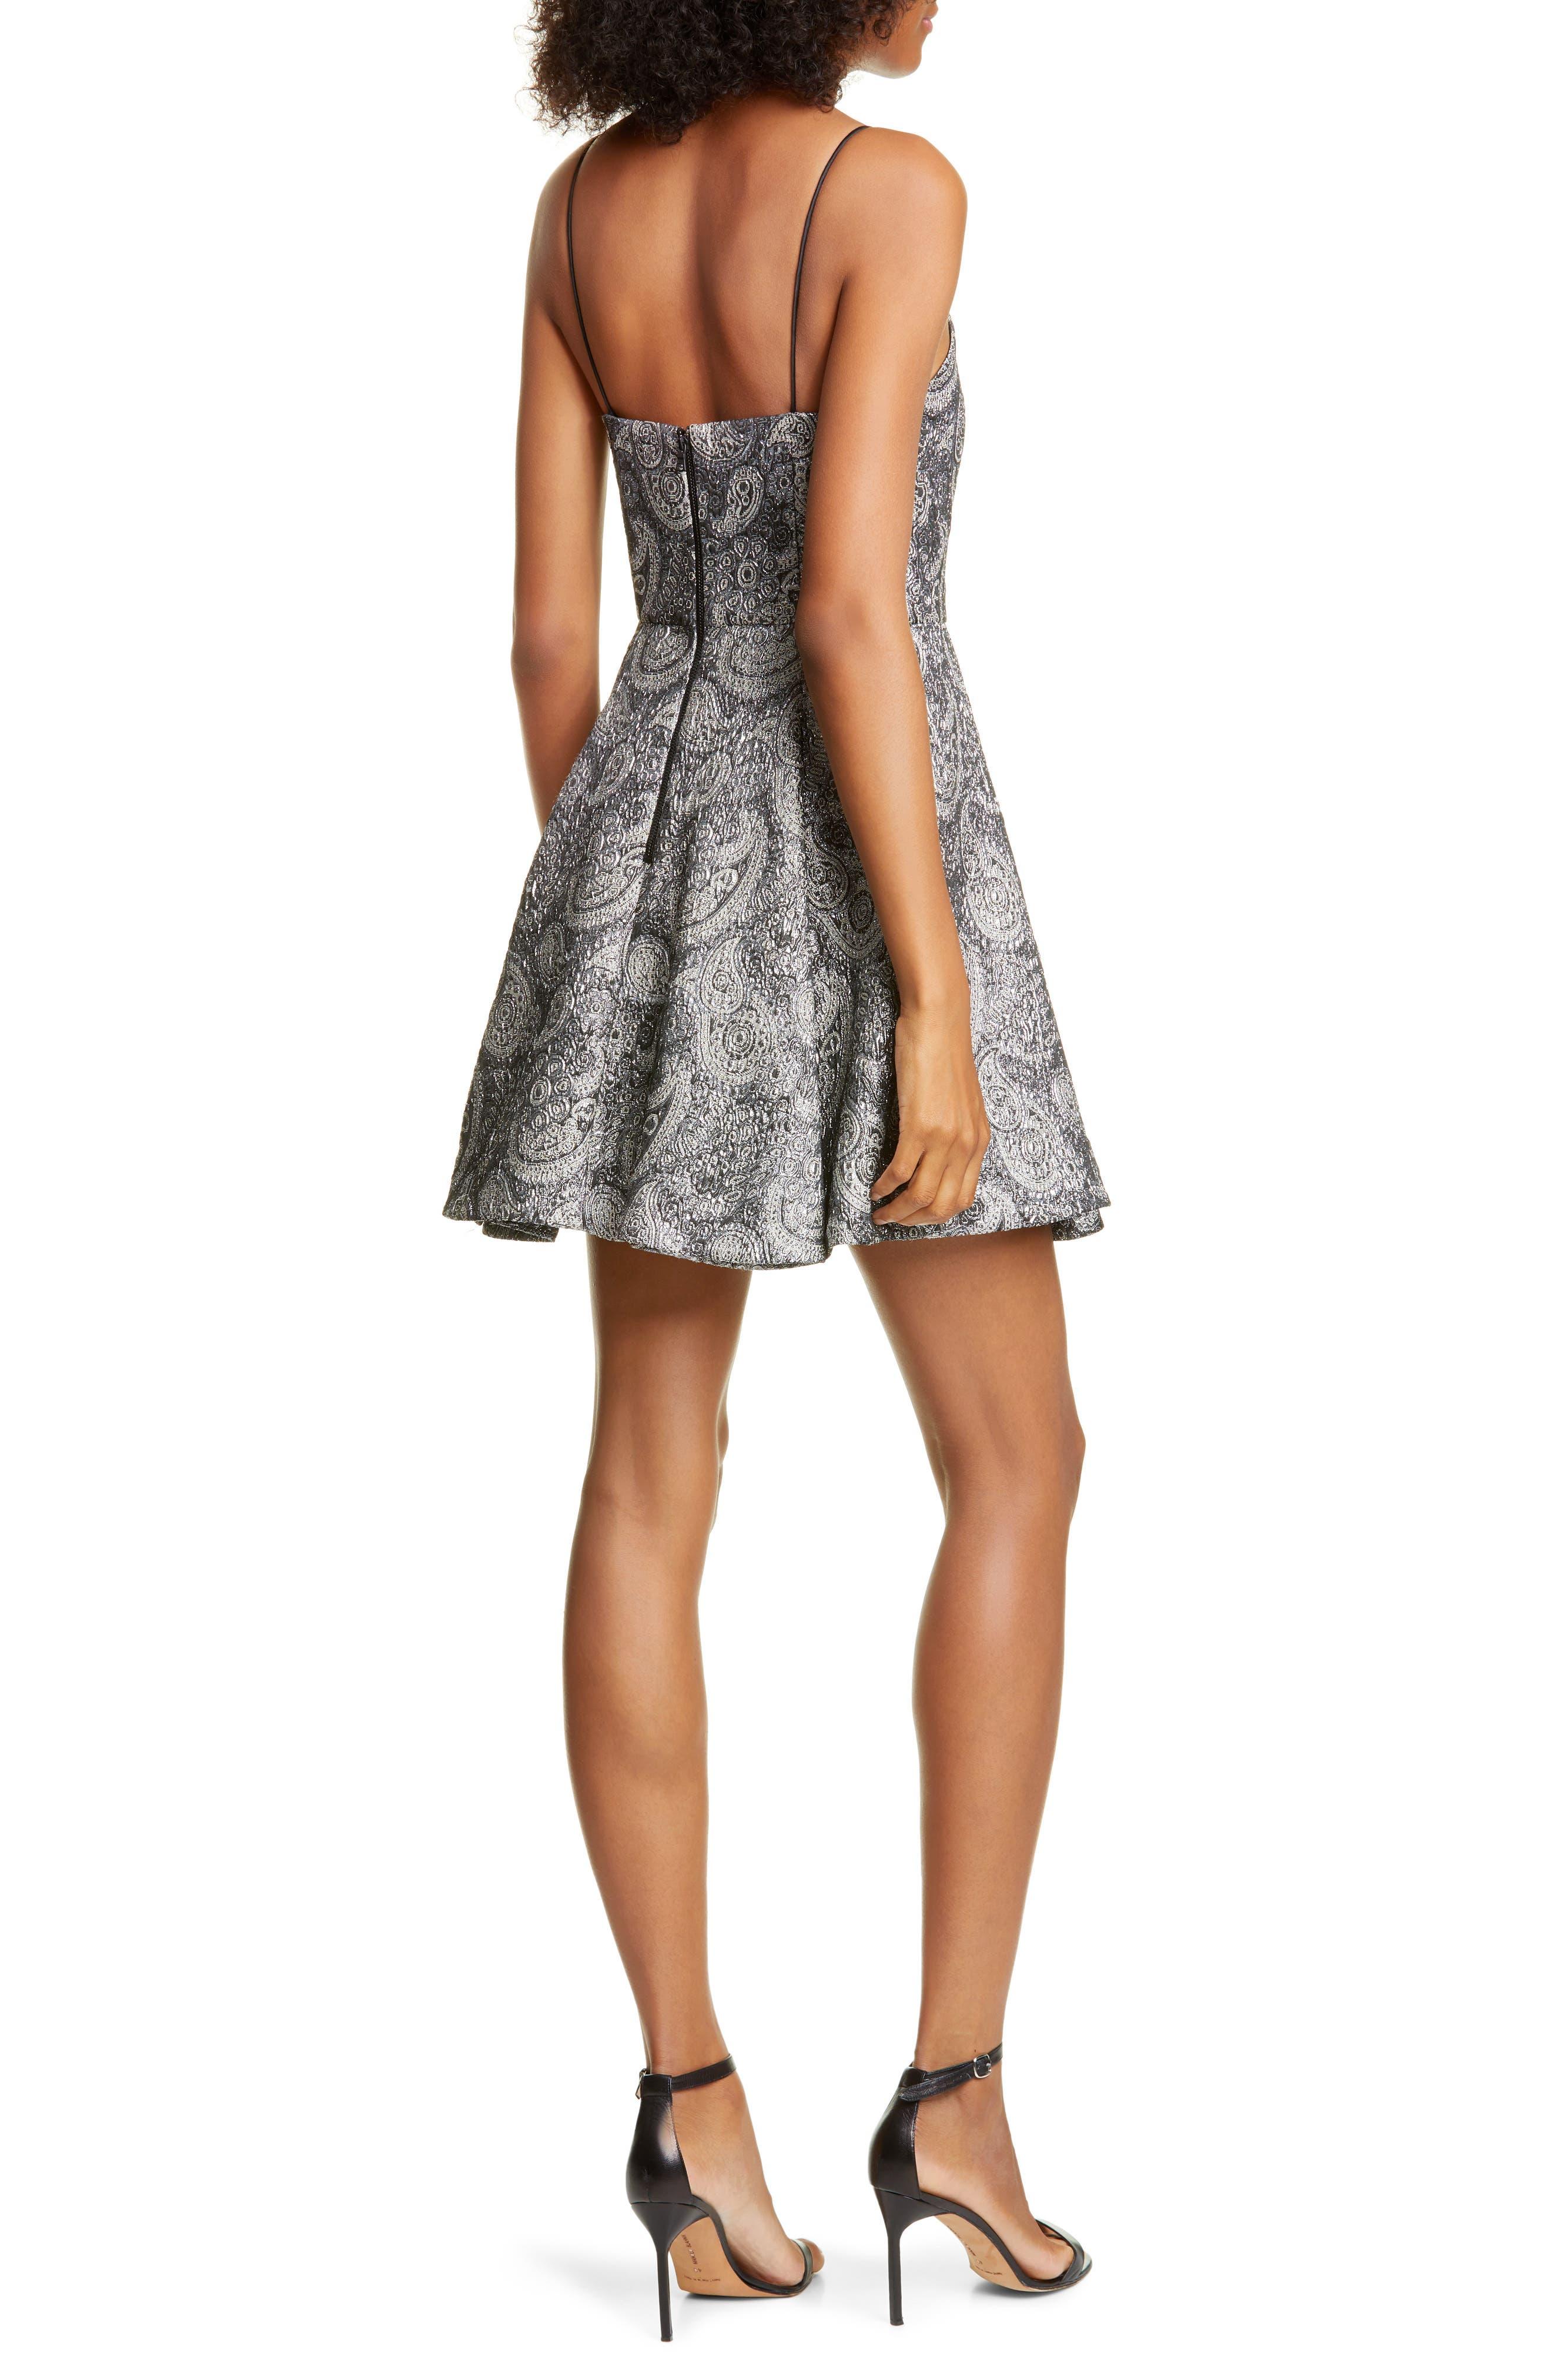 Alice + olivia Anette Metallic Paisley Skater Dress